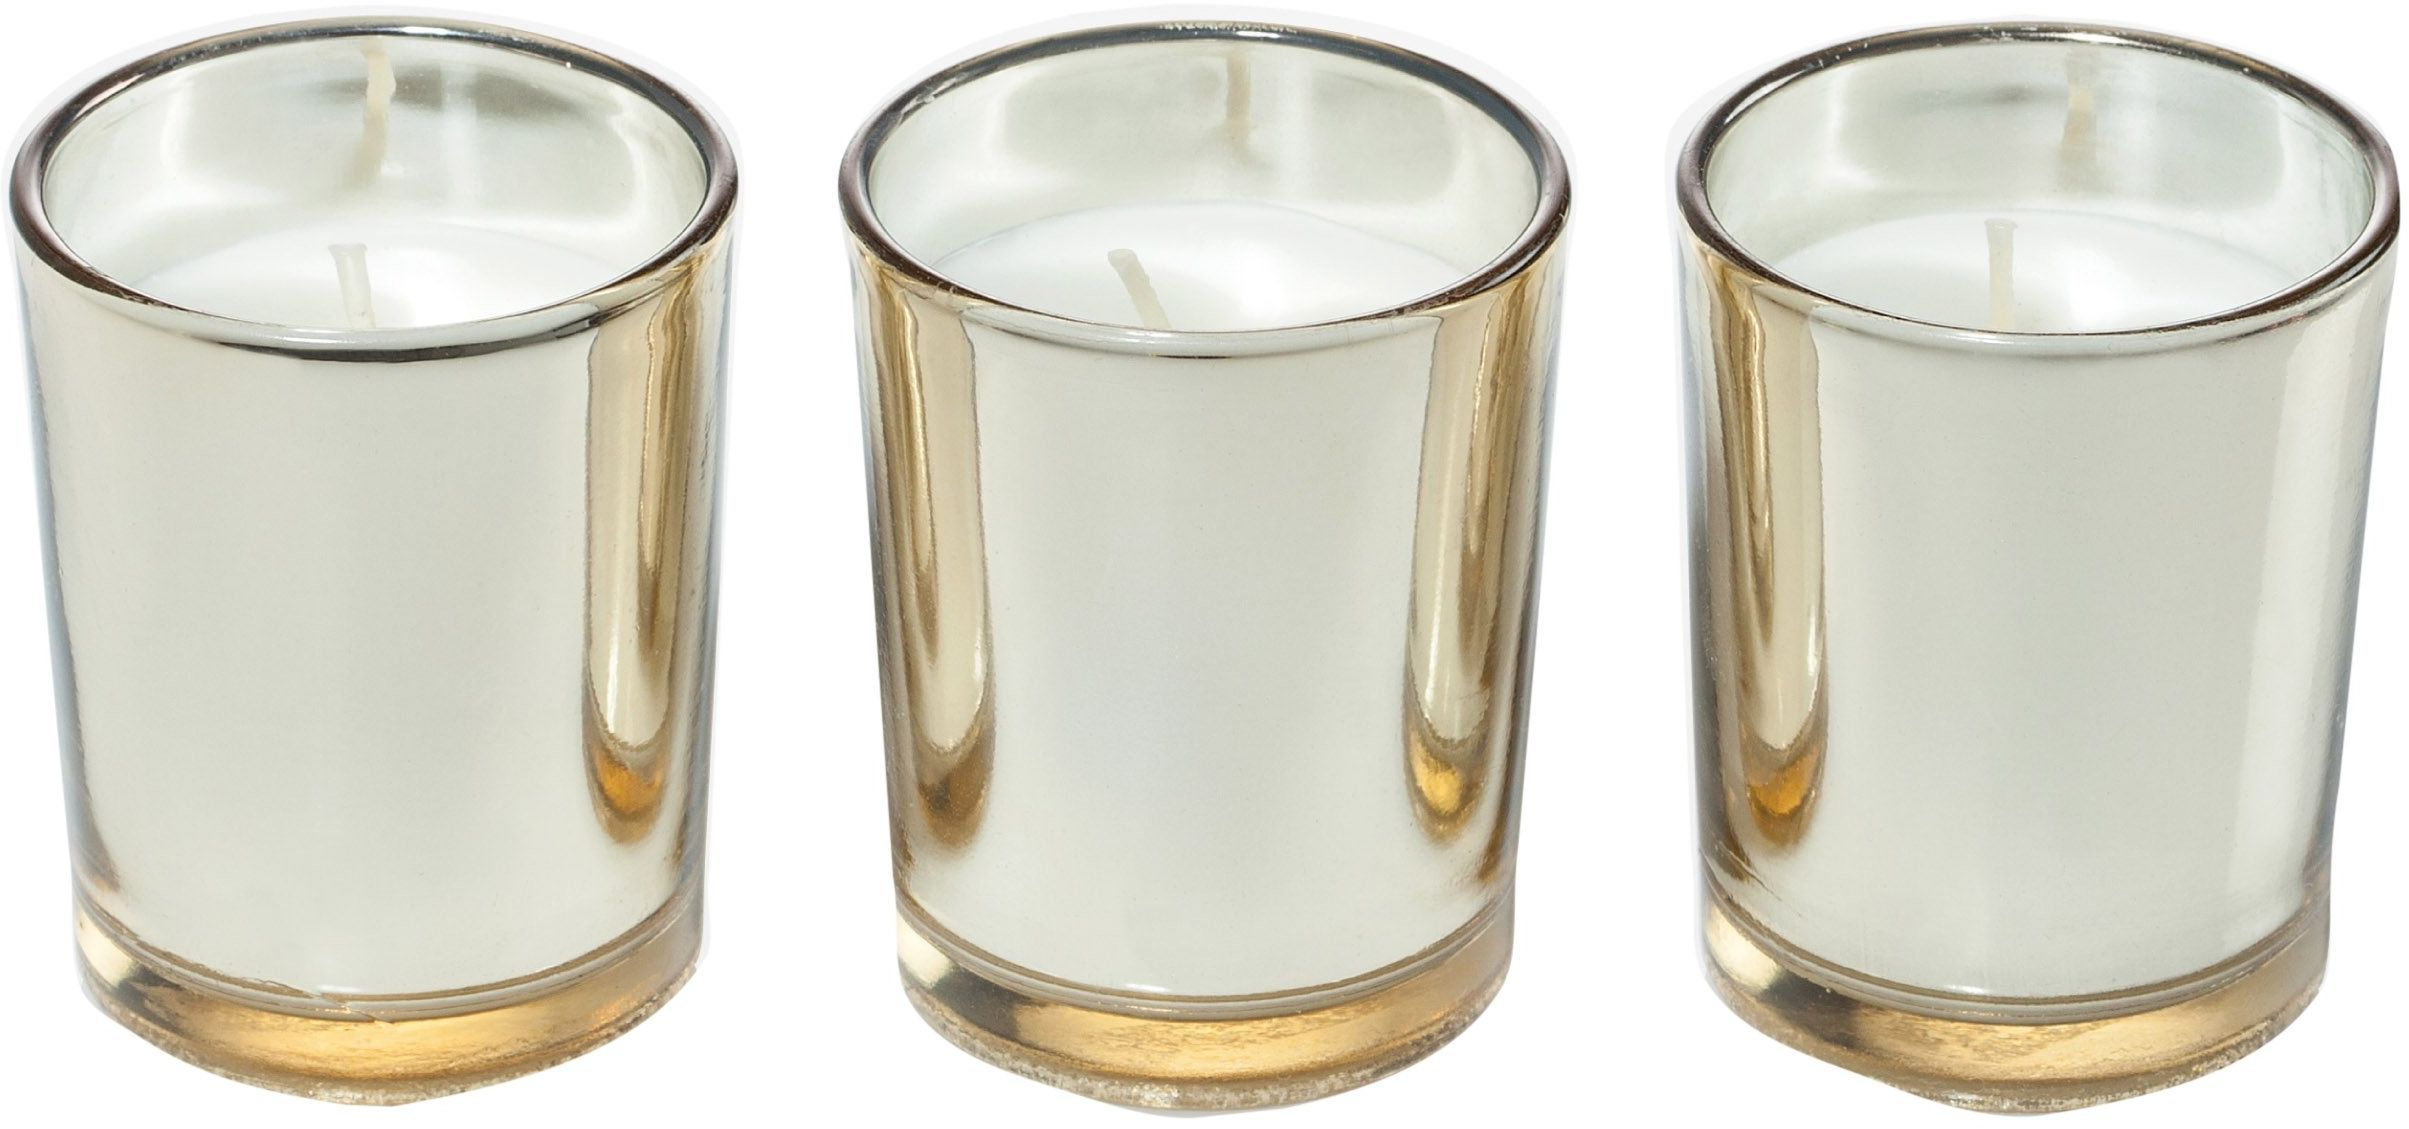 Ritzenhoff Aroma Naturals Luxury świeca zapachowa, zestaw 3 szt., szkło, czarna, żółta, 5 x 5 x 6 cm, 3 sztuki